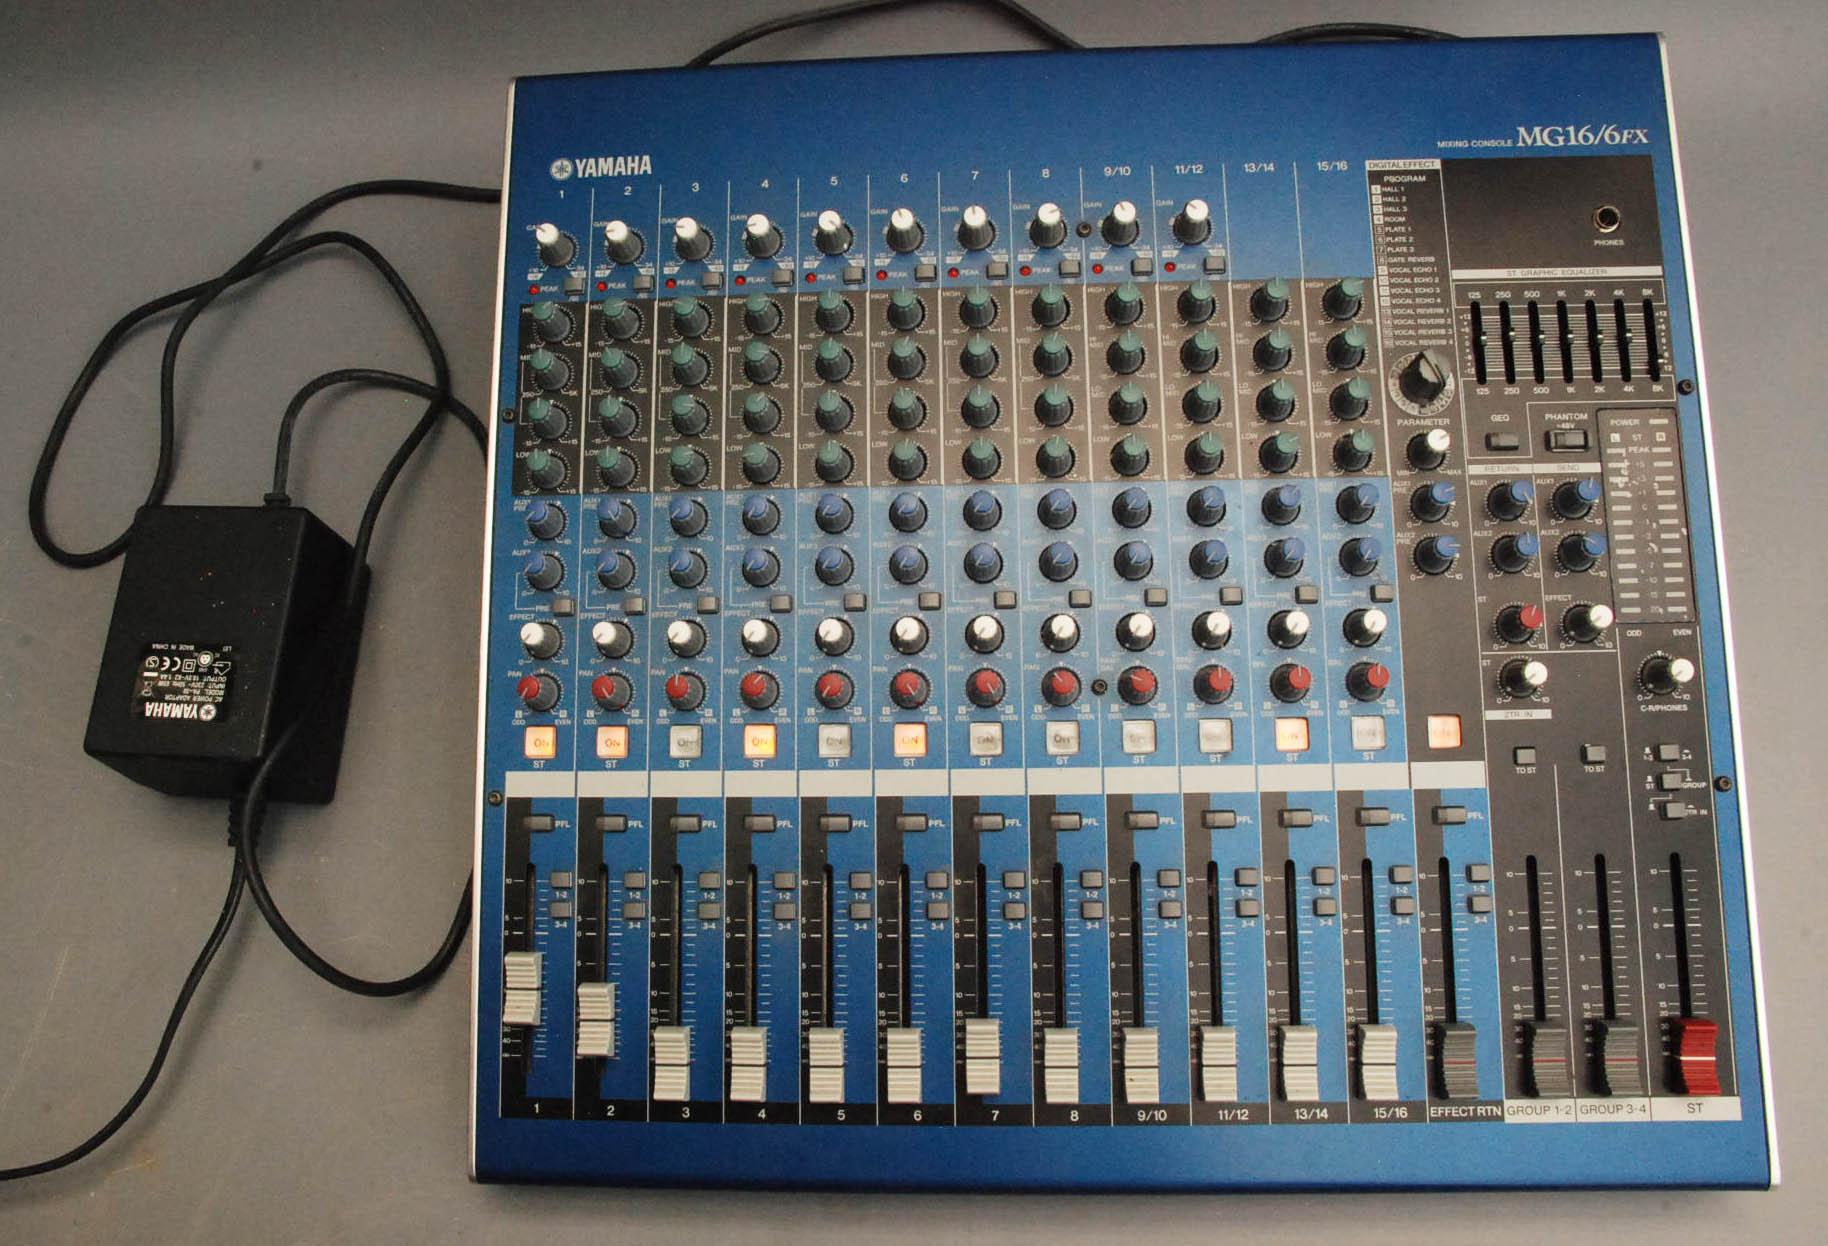 Yamaha mg16 6fx инструкция скачать